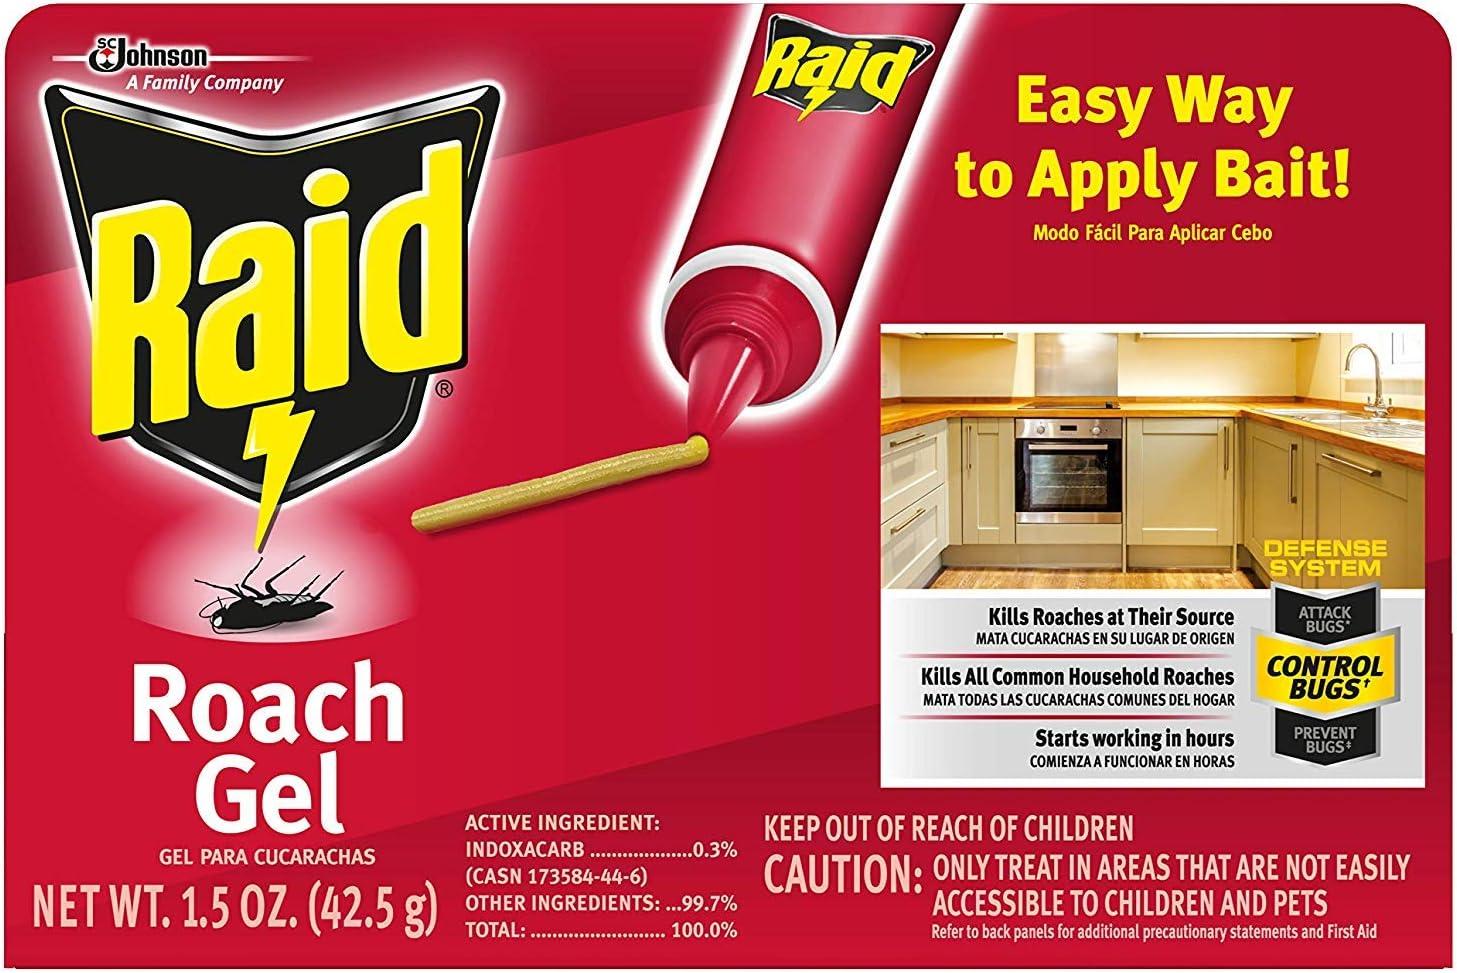 Raid Roach Gel, 1.5 OZ